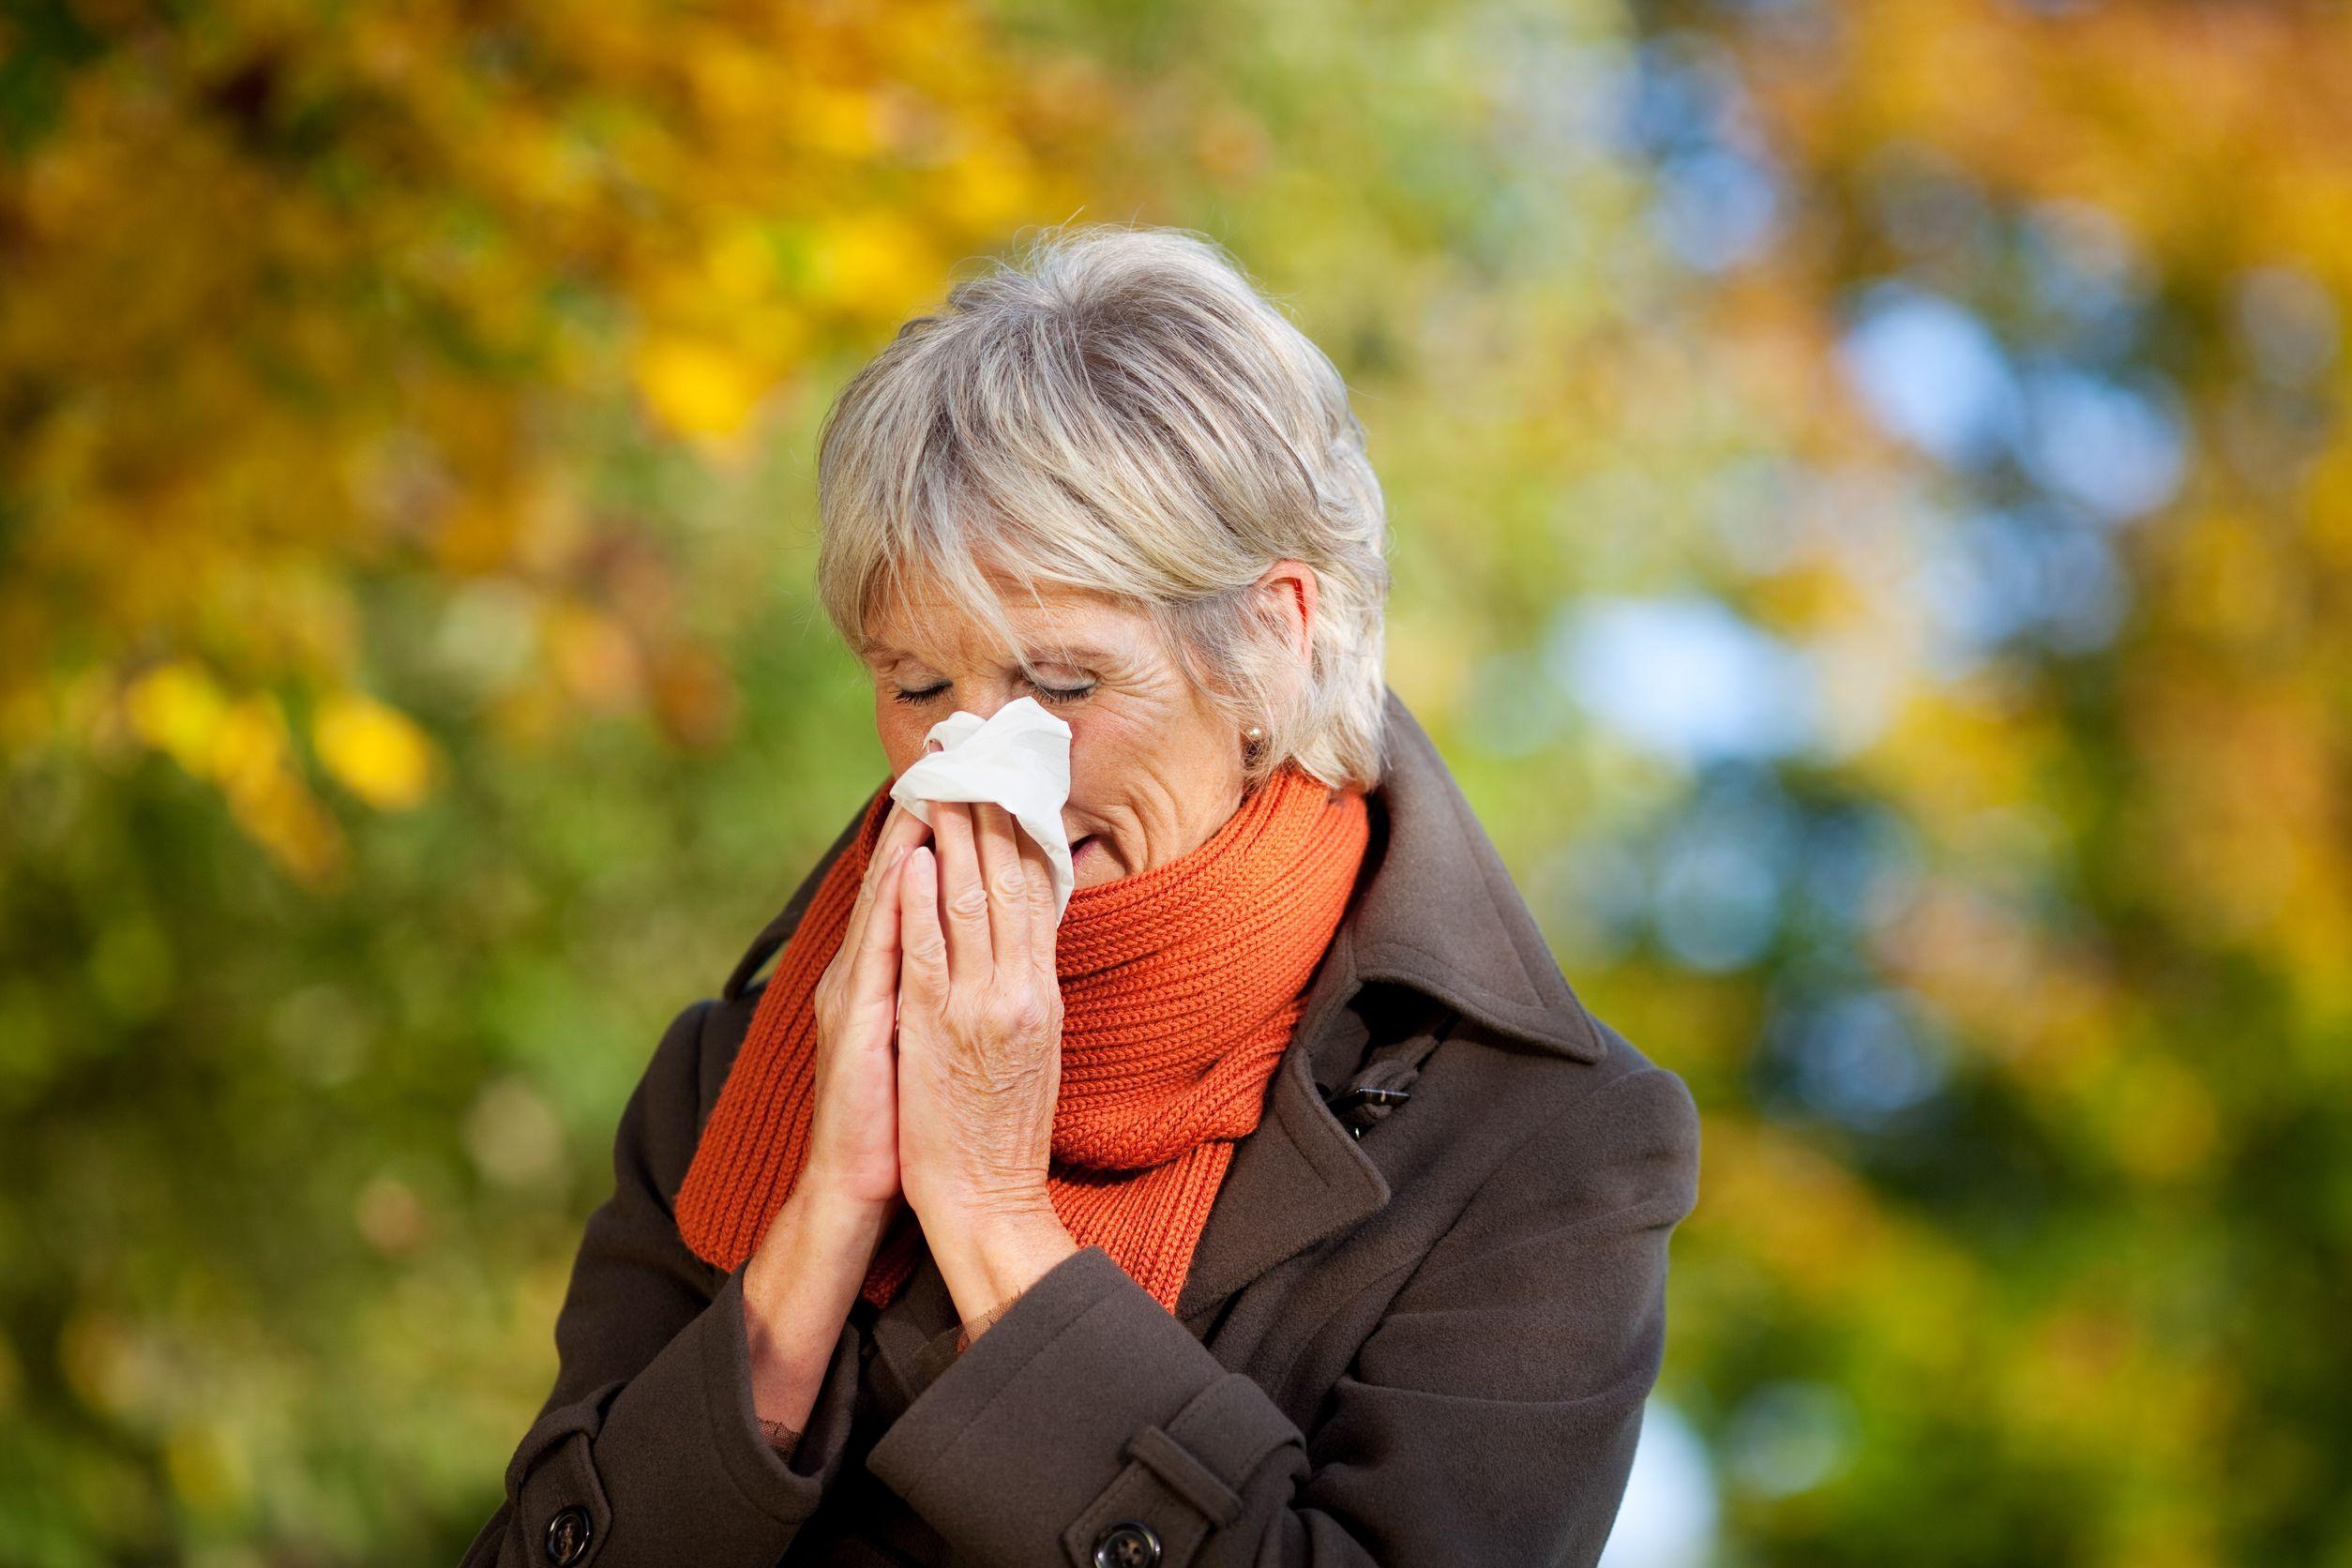 habitos saludables para evitar resfriados en otoño